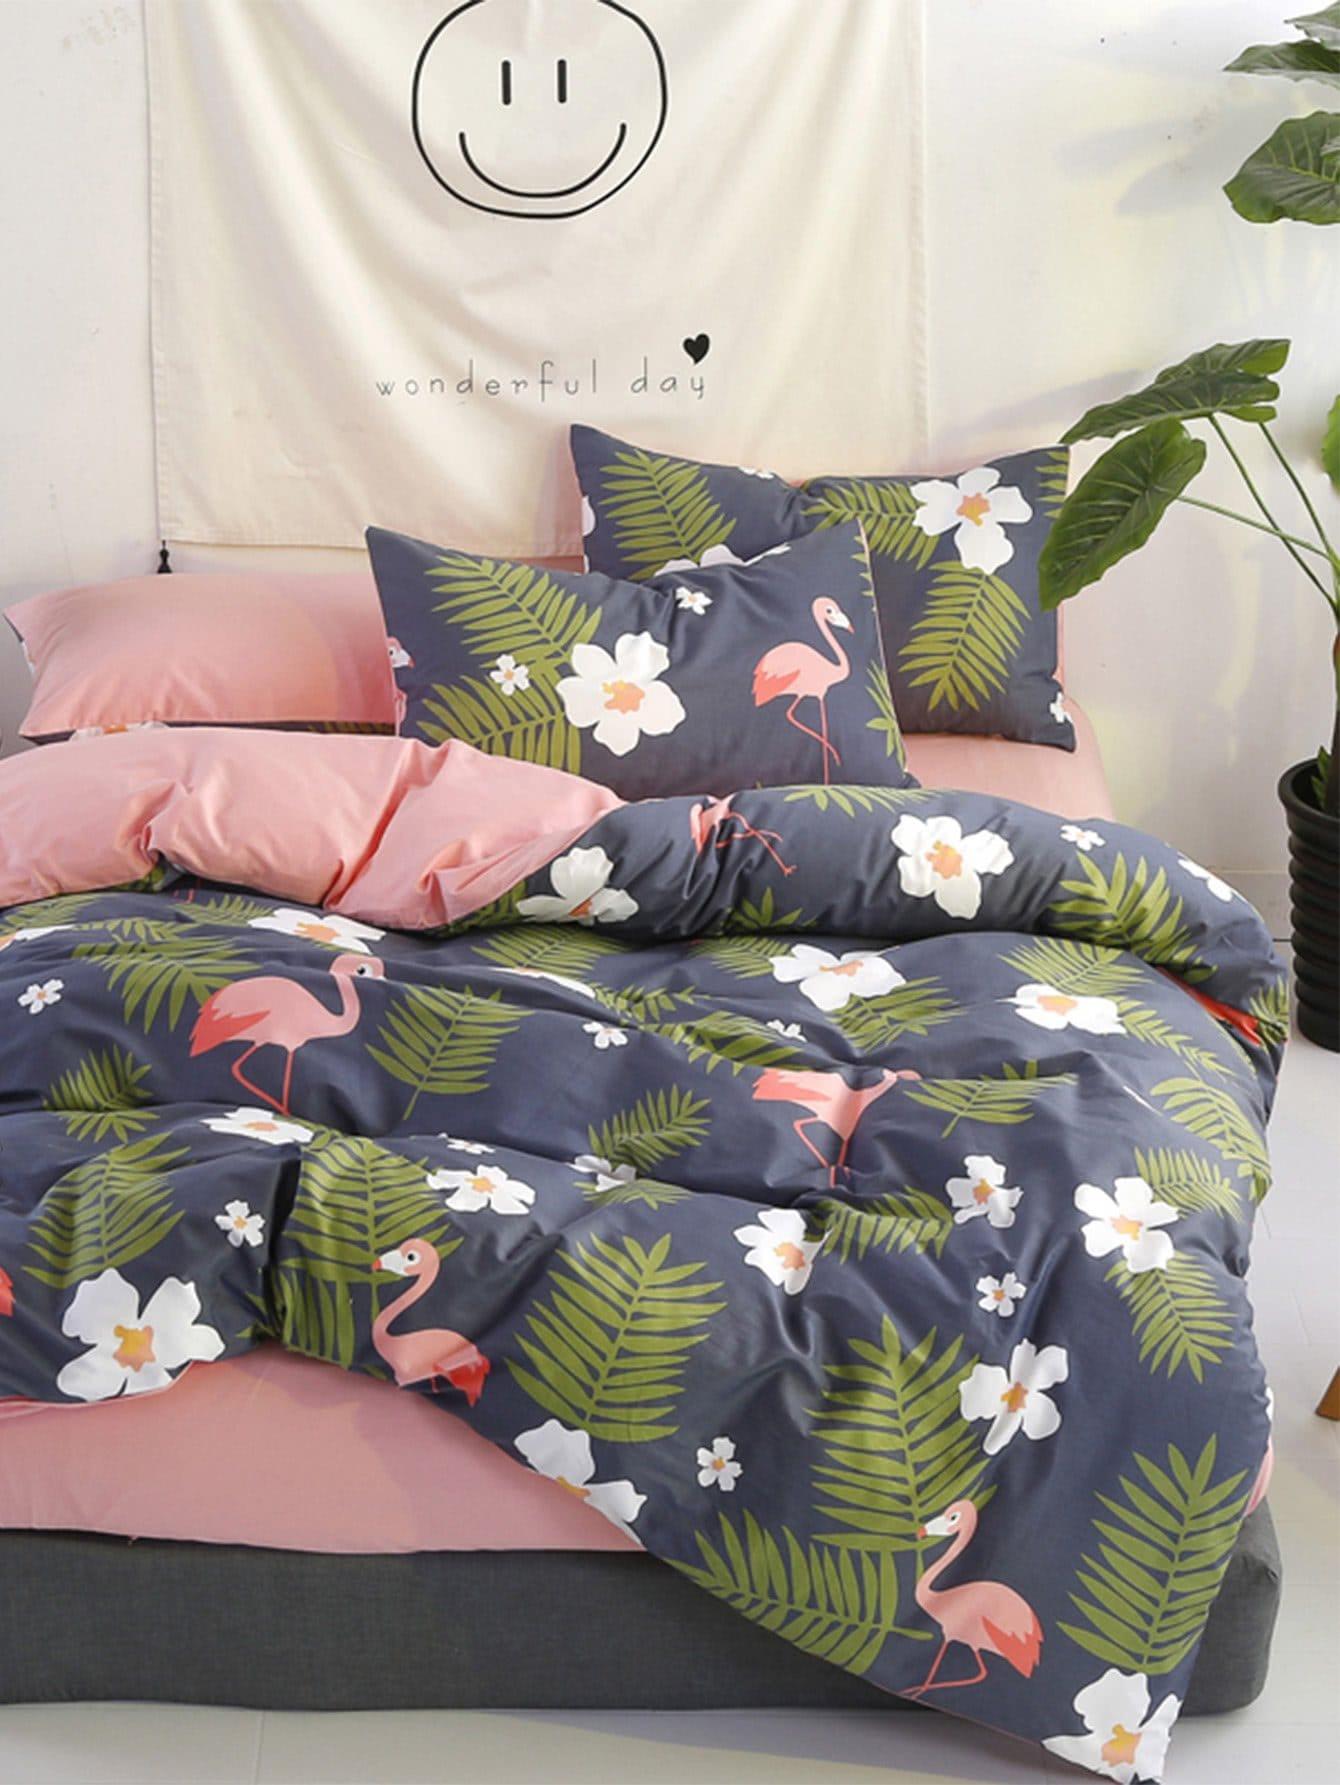 Купить Комплект для кровати с принтом фламинго в цветочек, null, SheIn